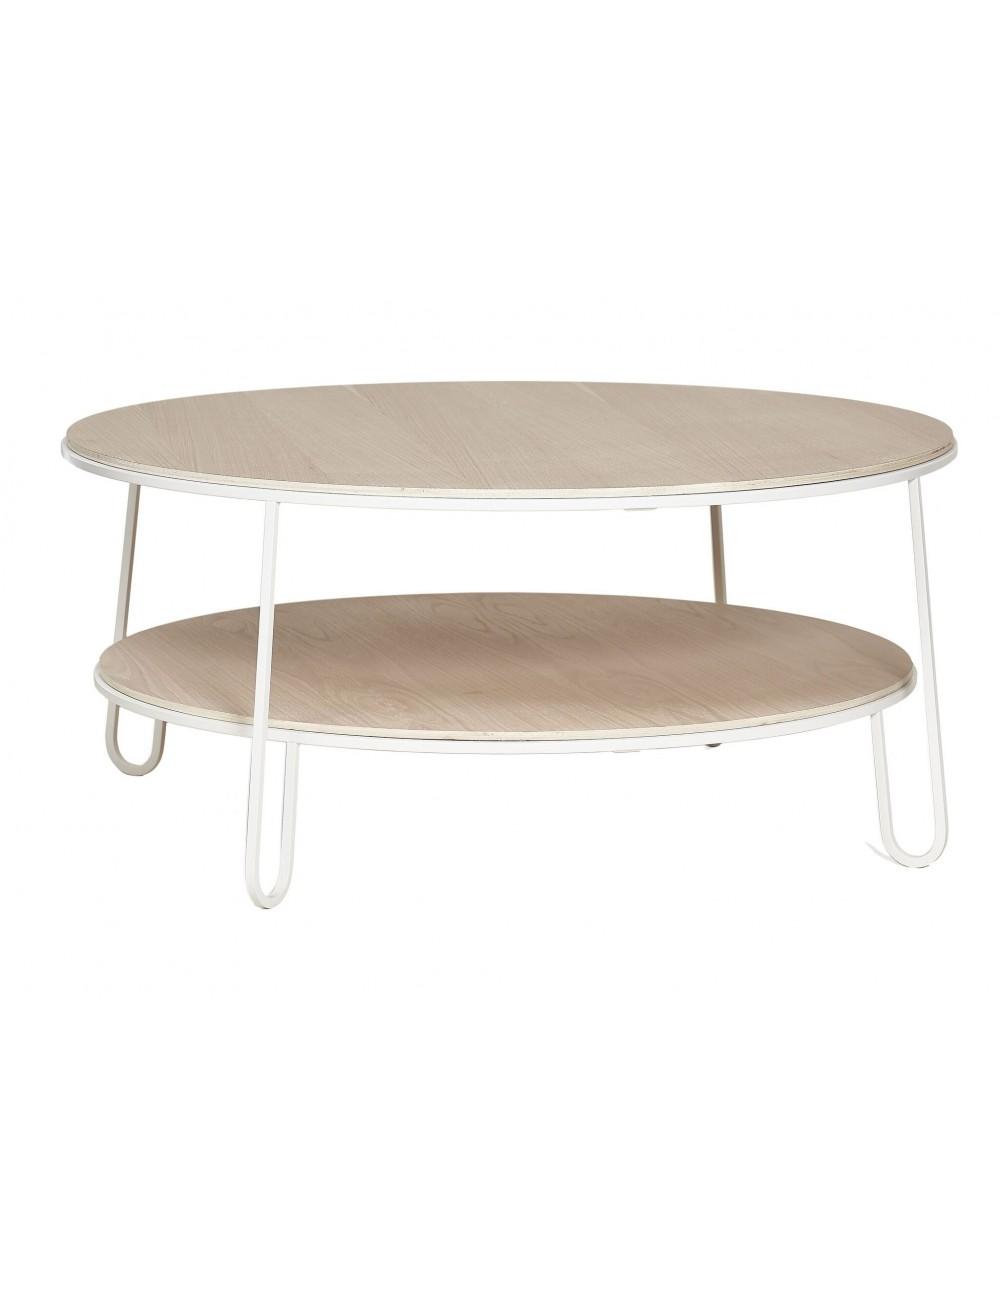 Eugénie Table basse 90 cm harto fabrication portugaise chêne